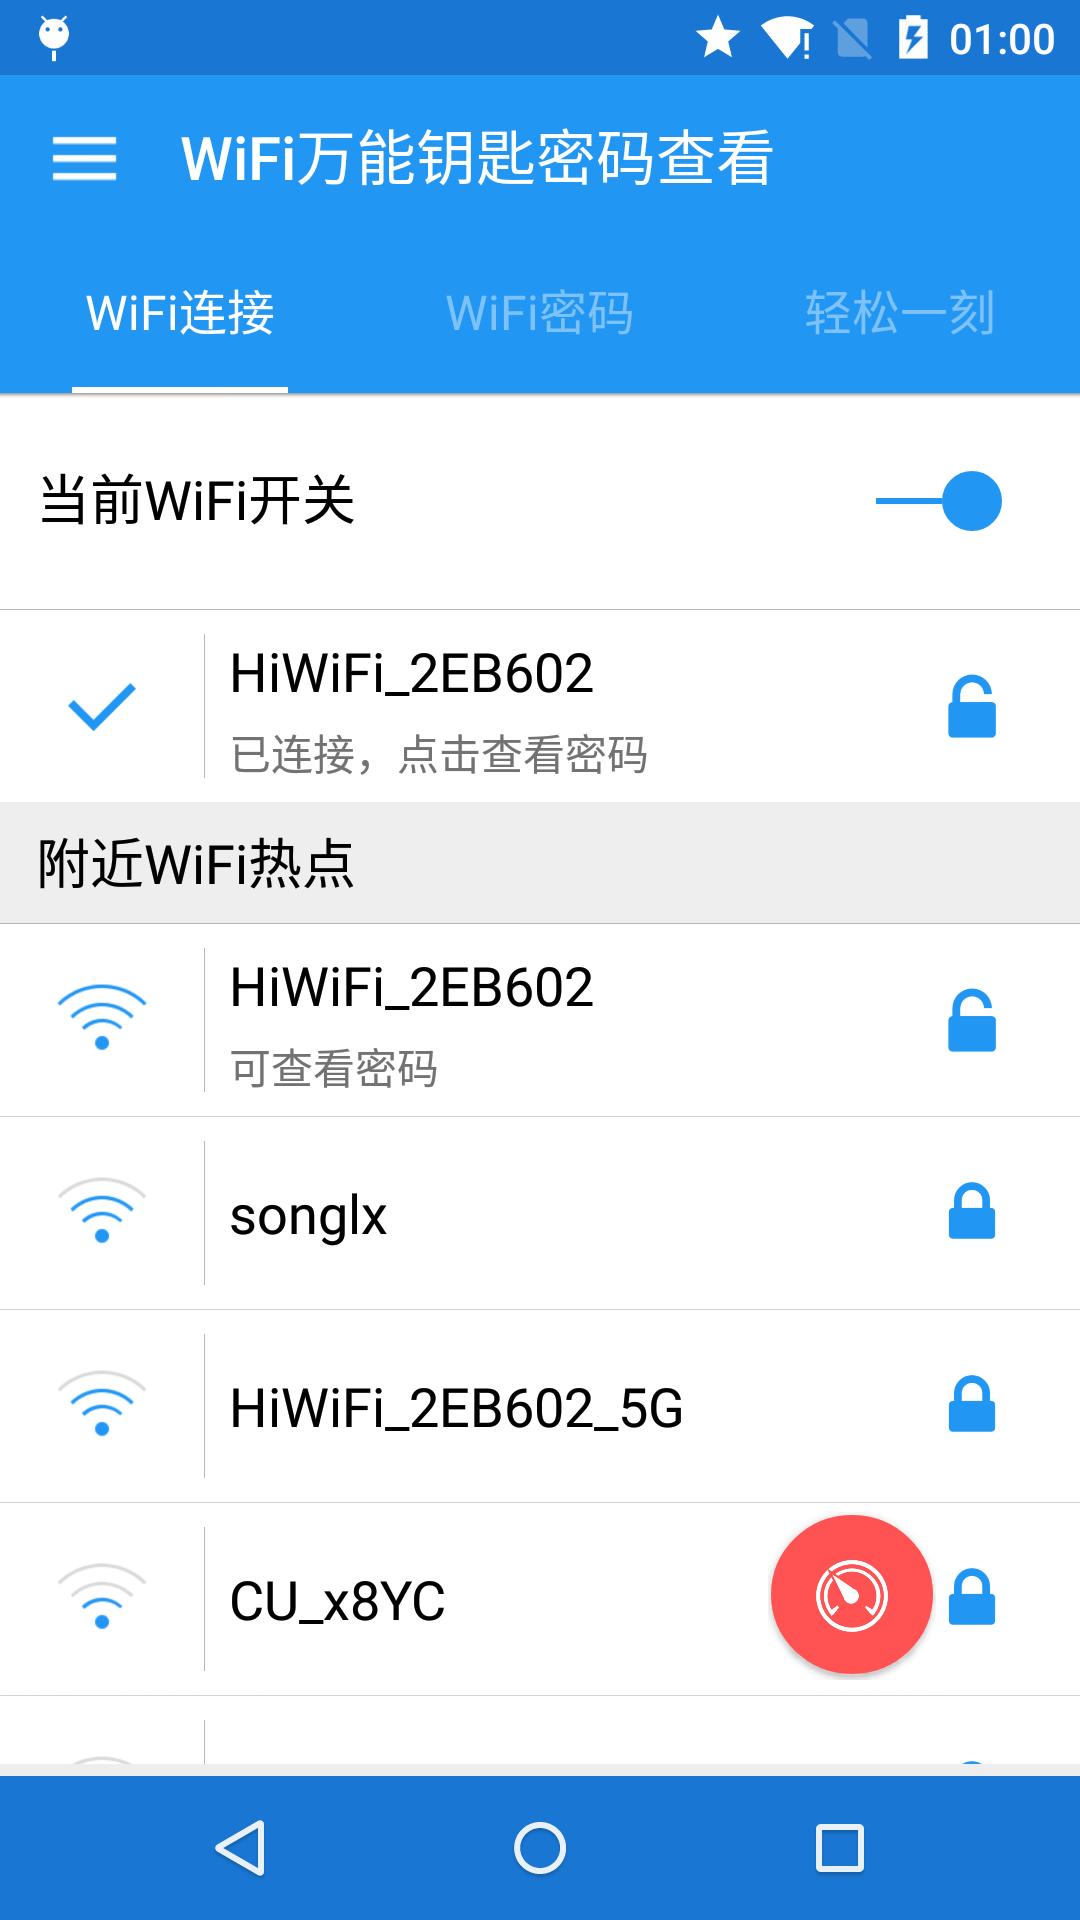 WiFi万能密码查看截图(1)